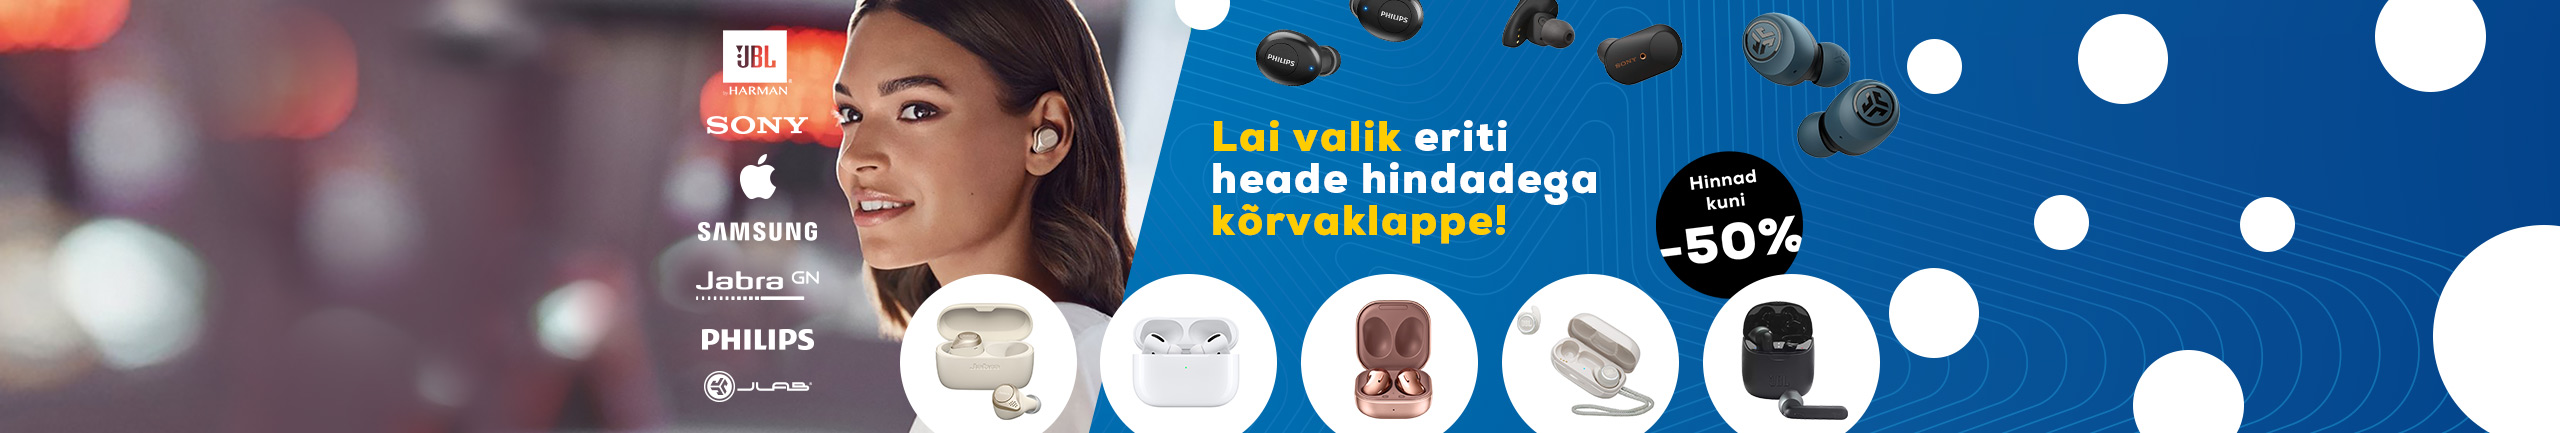 Lai valik eriti heade hindadega kõrvaklappe!